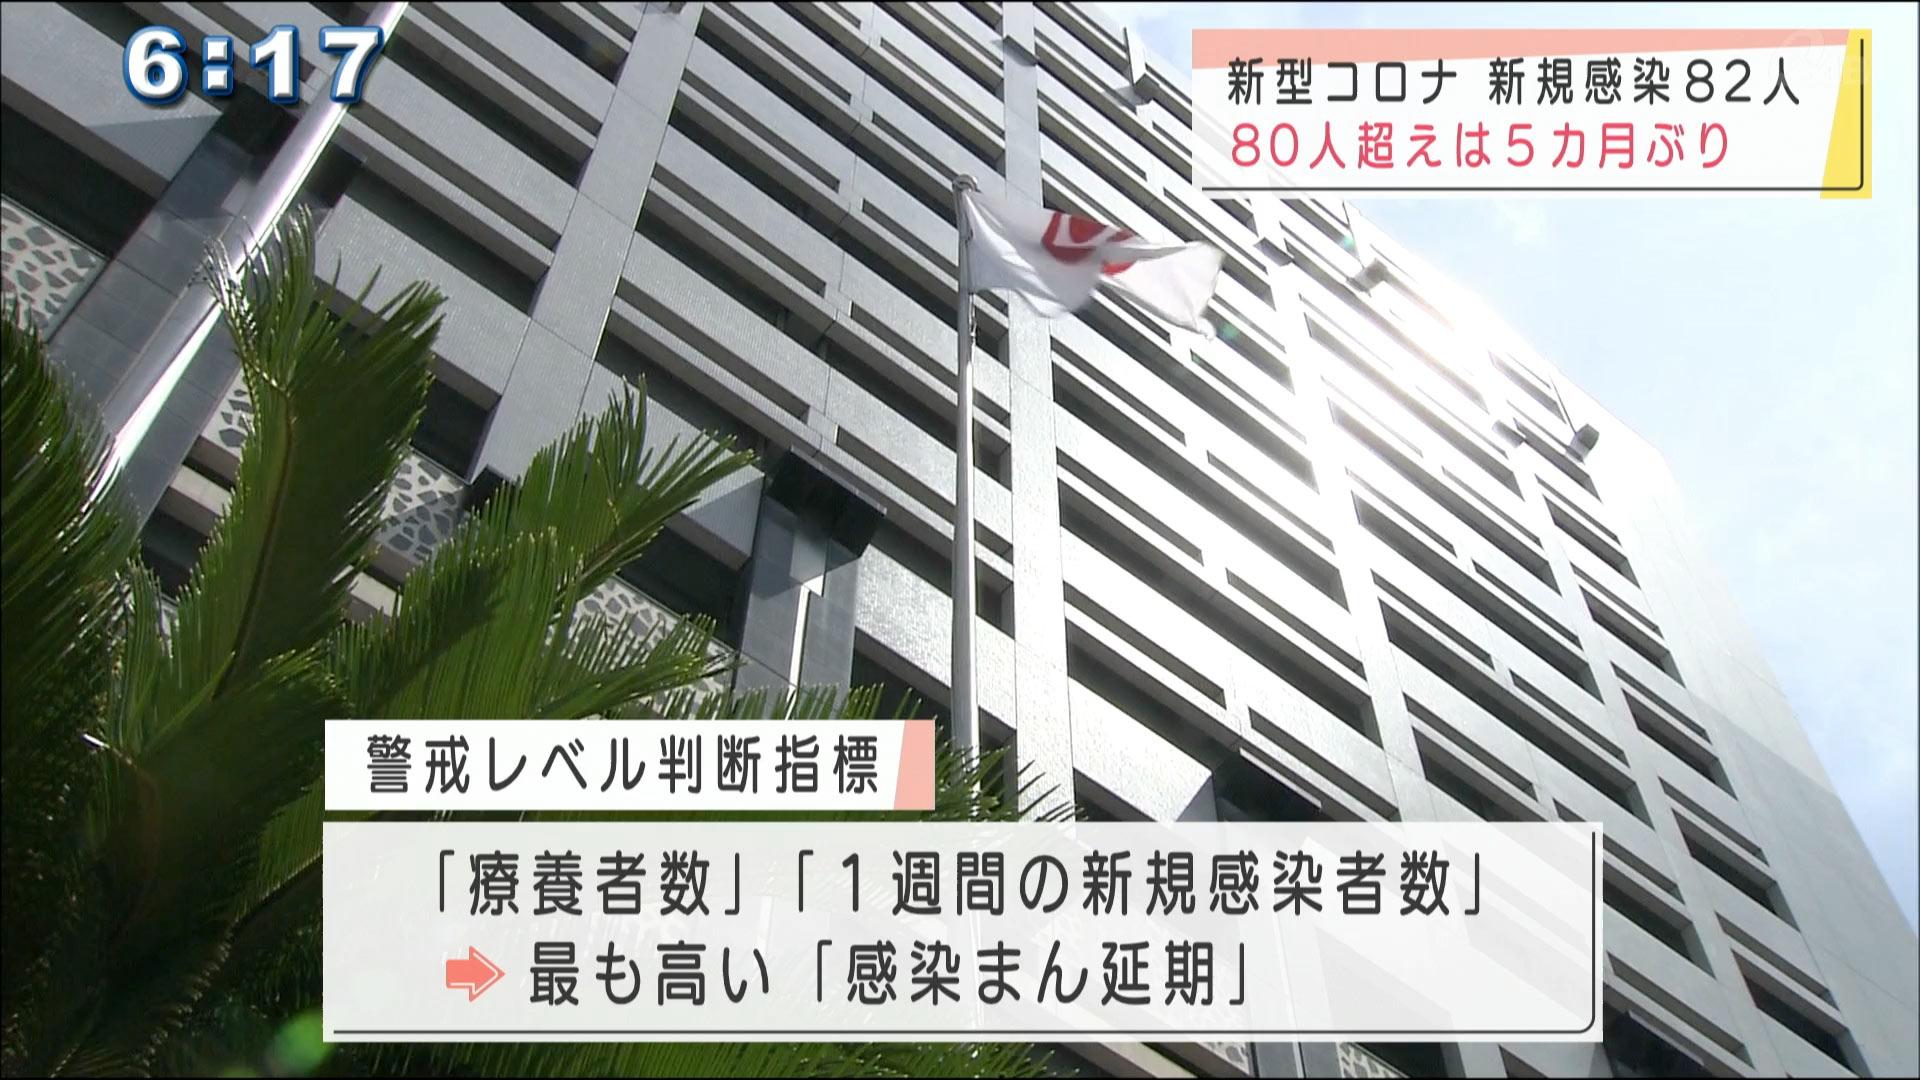 沖縄で新型コロナ新たに82人感染確認